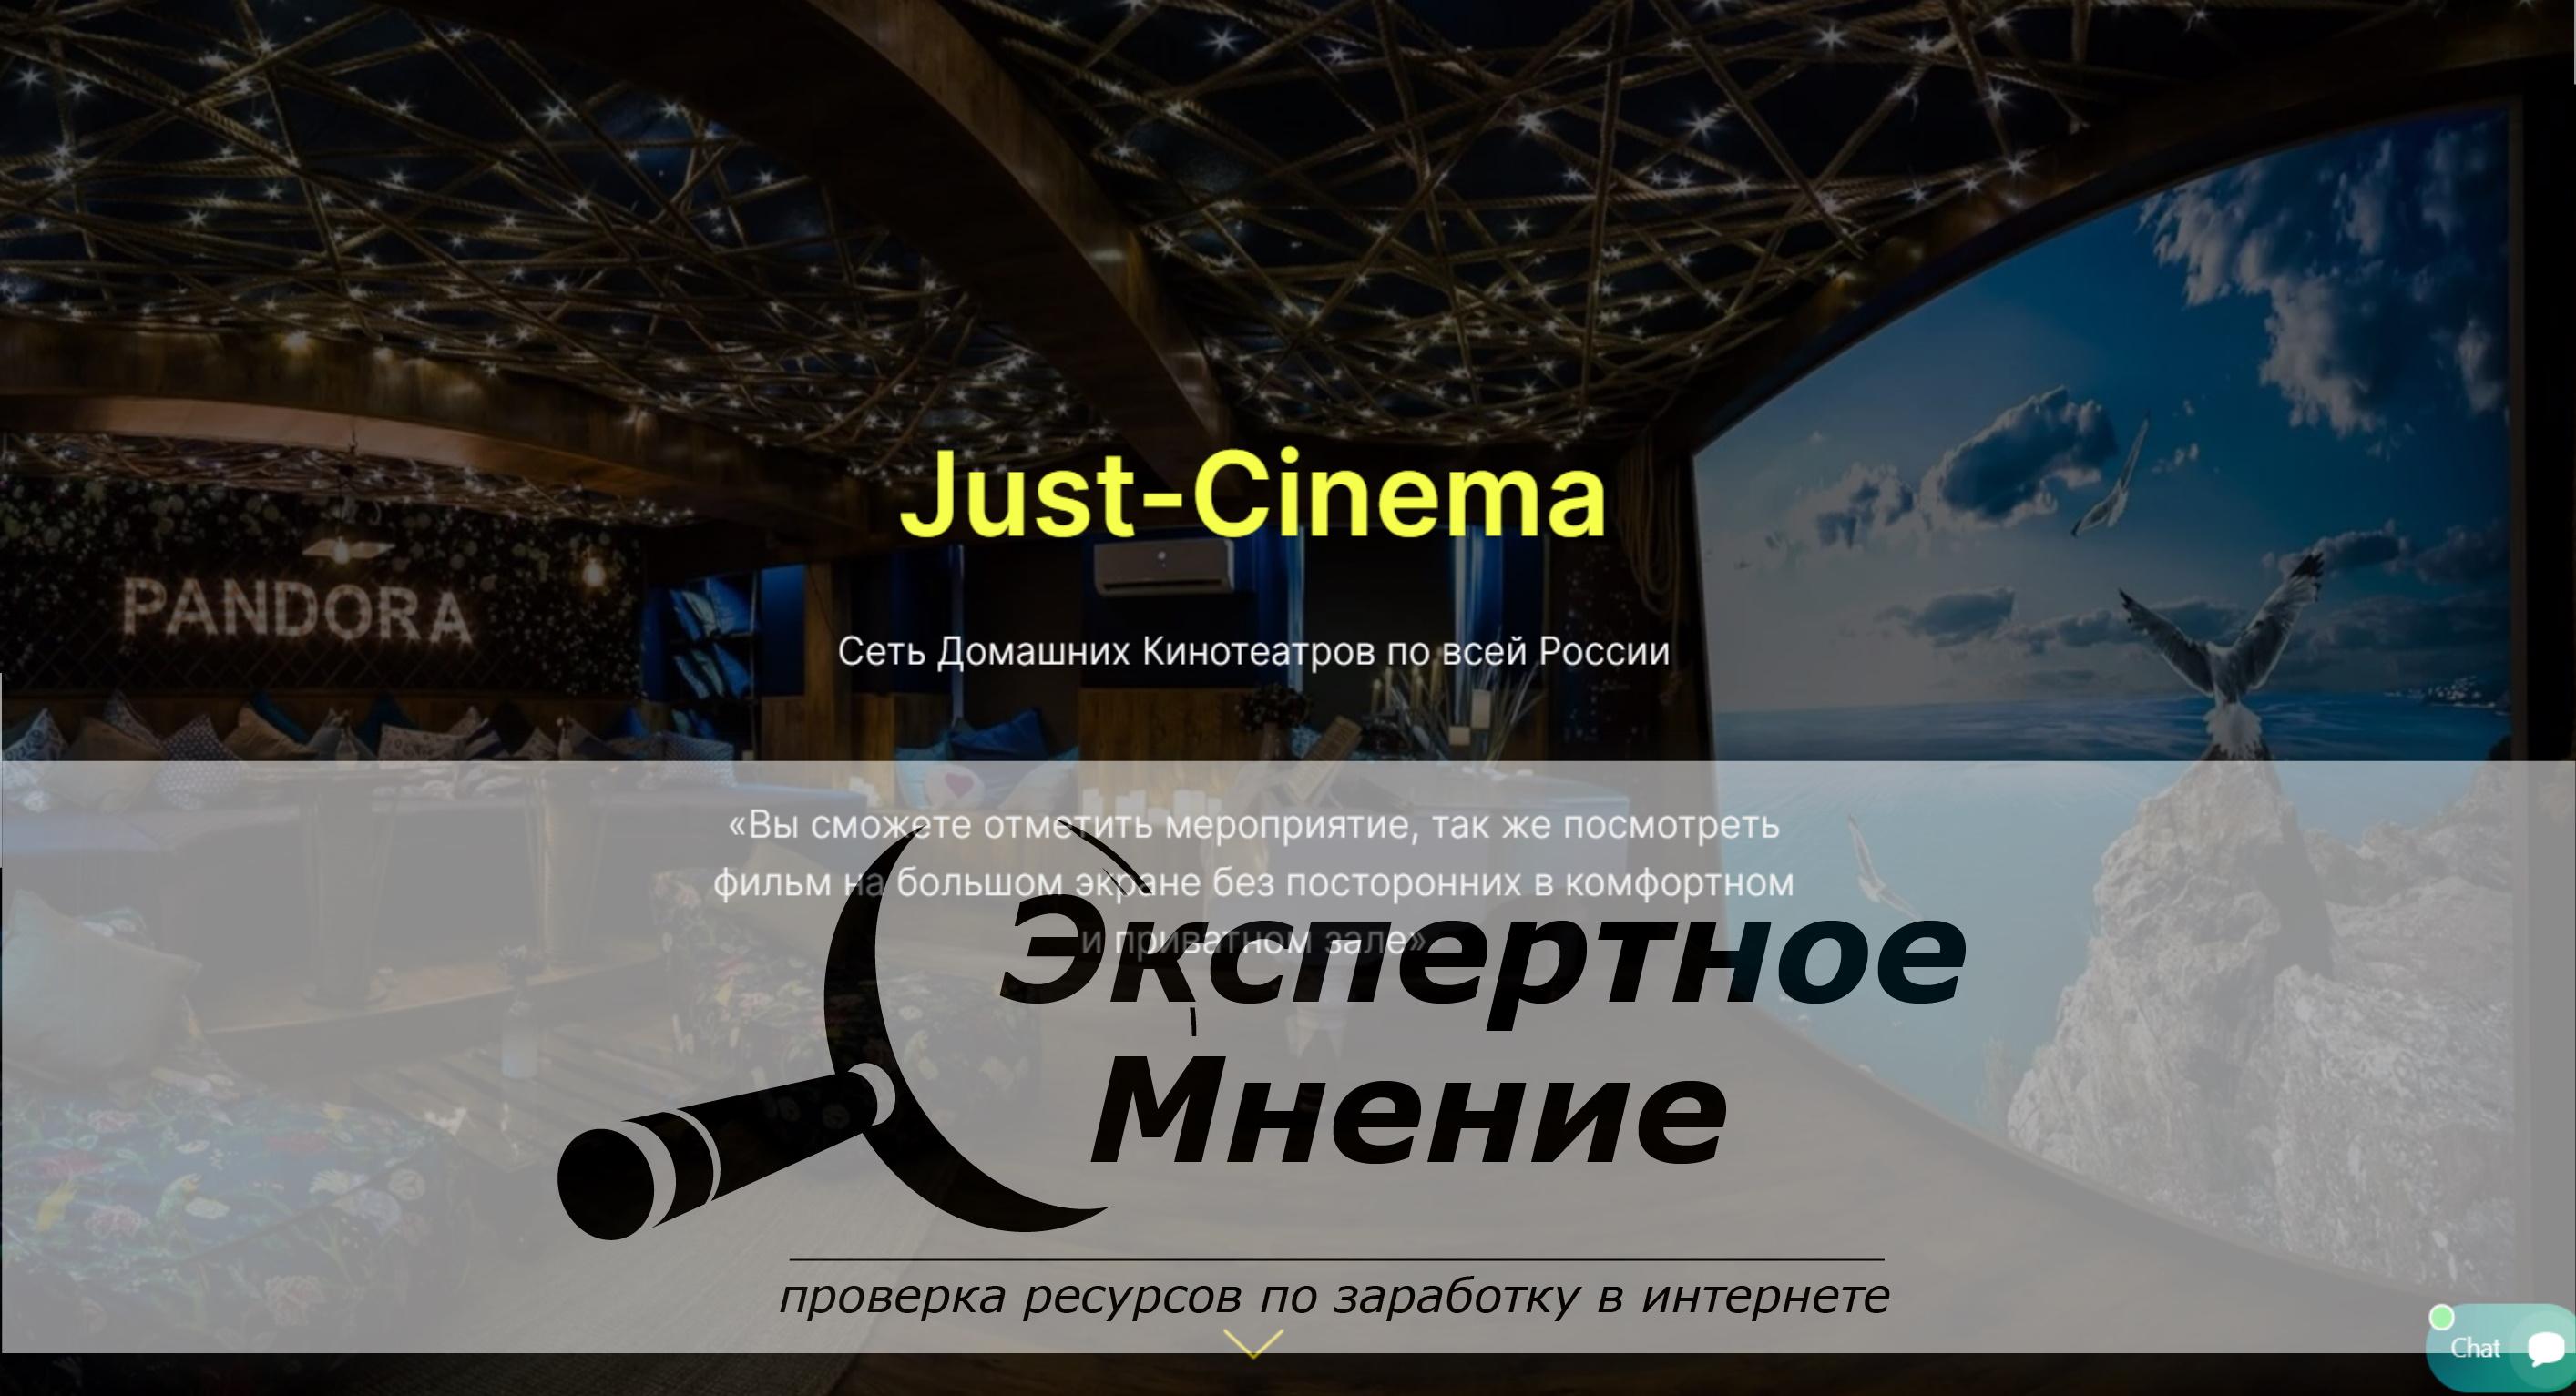 Just-Cinеma Сеть Домашних Кинотеатров